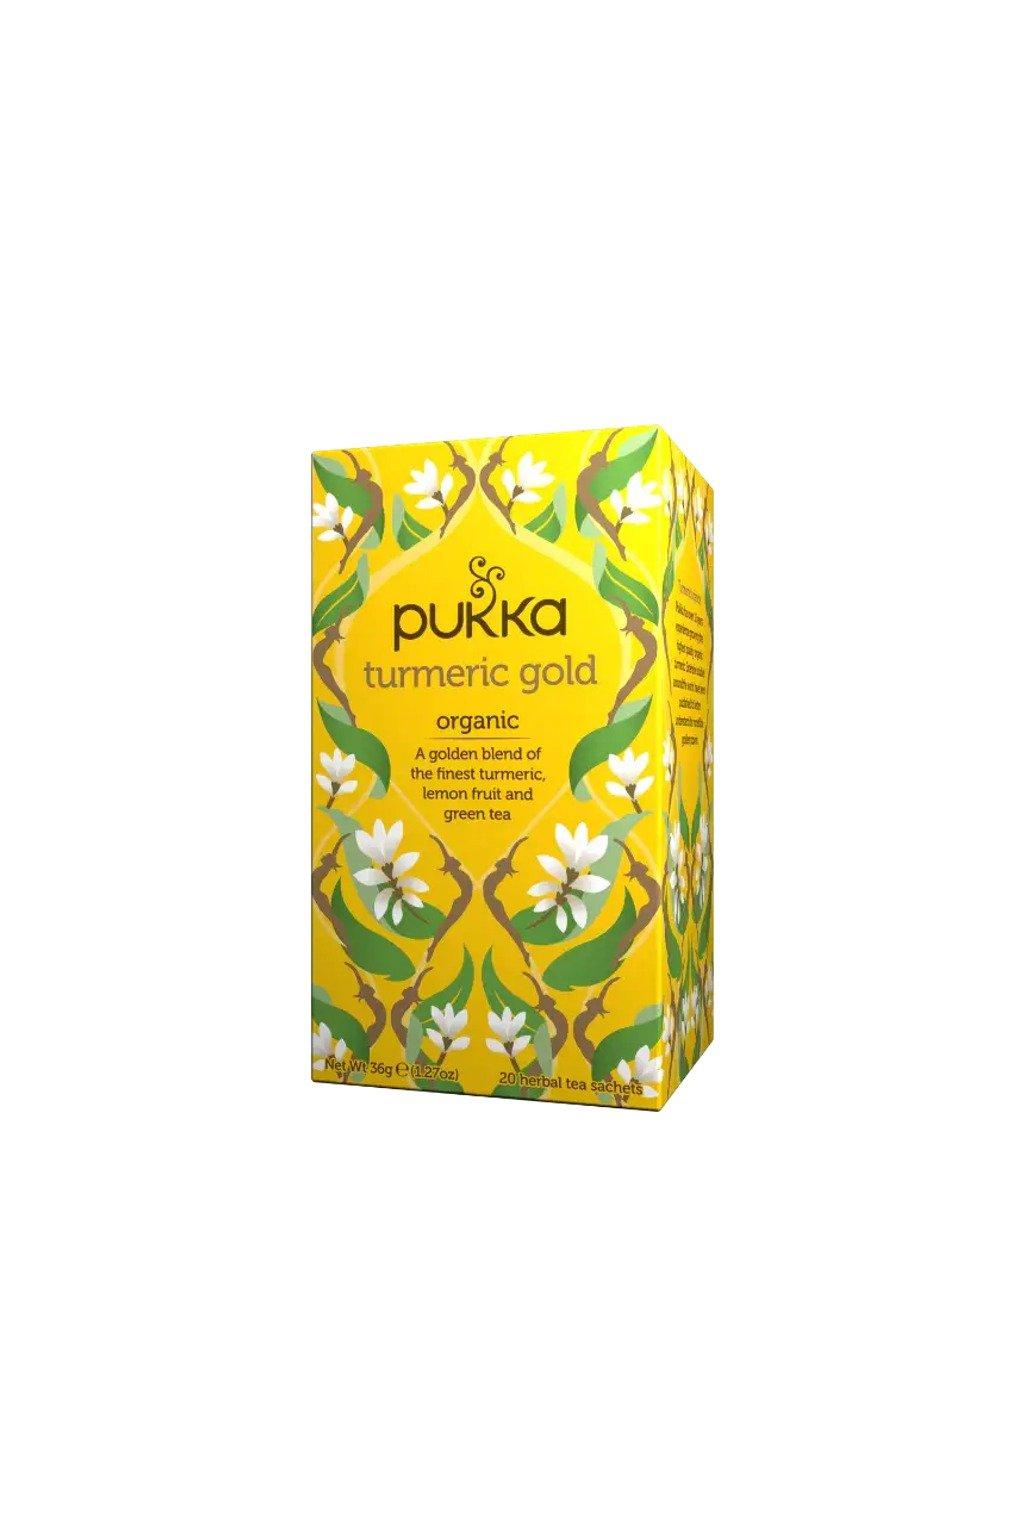 SAMAY Caj kurkumovy Pukka Turmeric Gold BIO Fairtrade